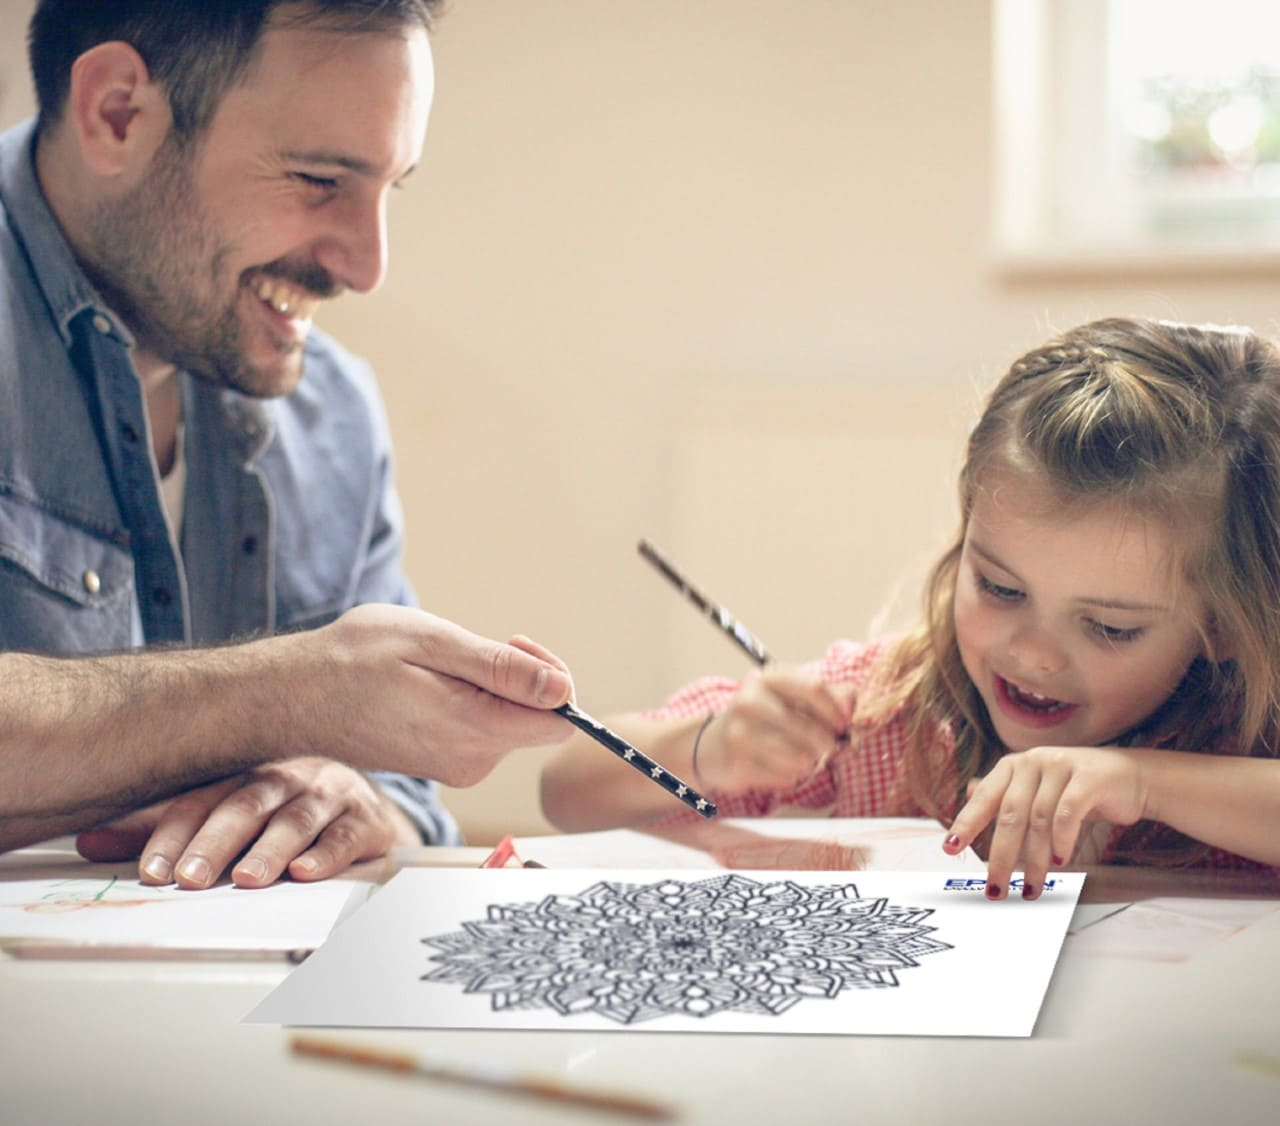 Actividades creativas que se pueden hacer con la impresión en familia